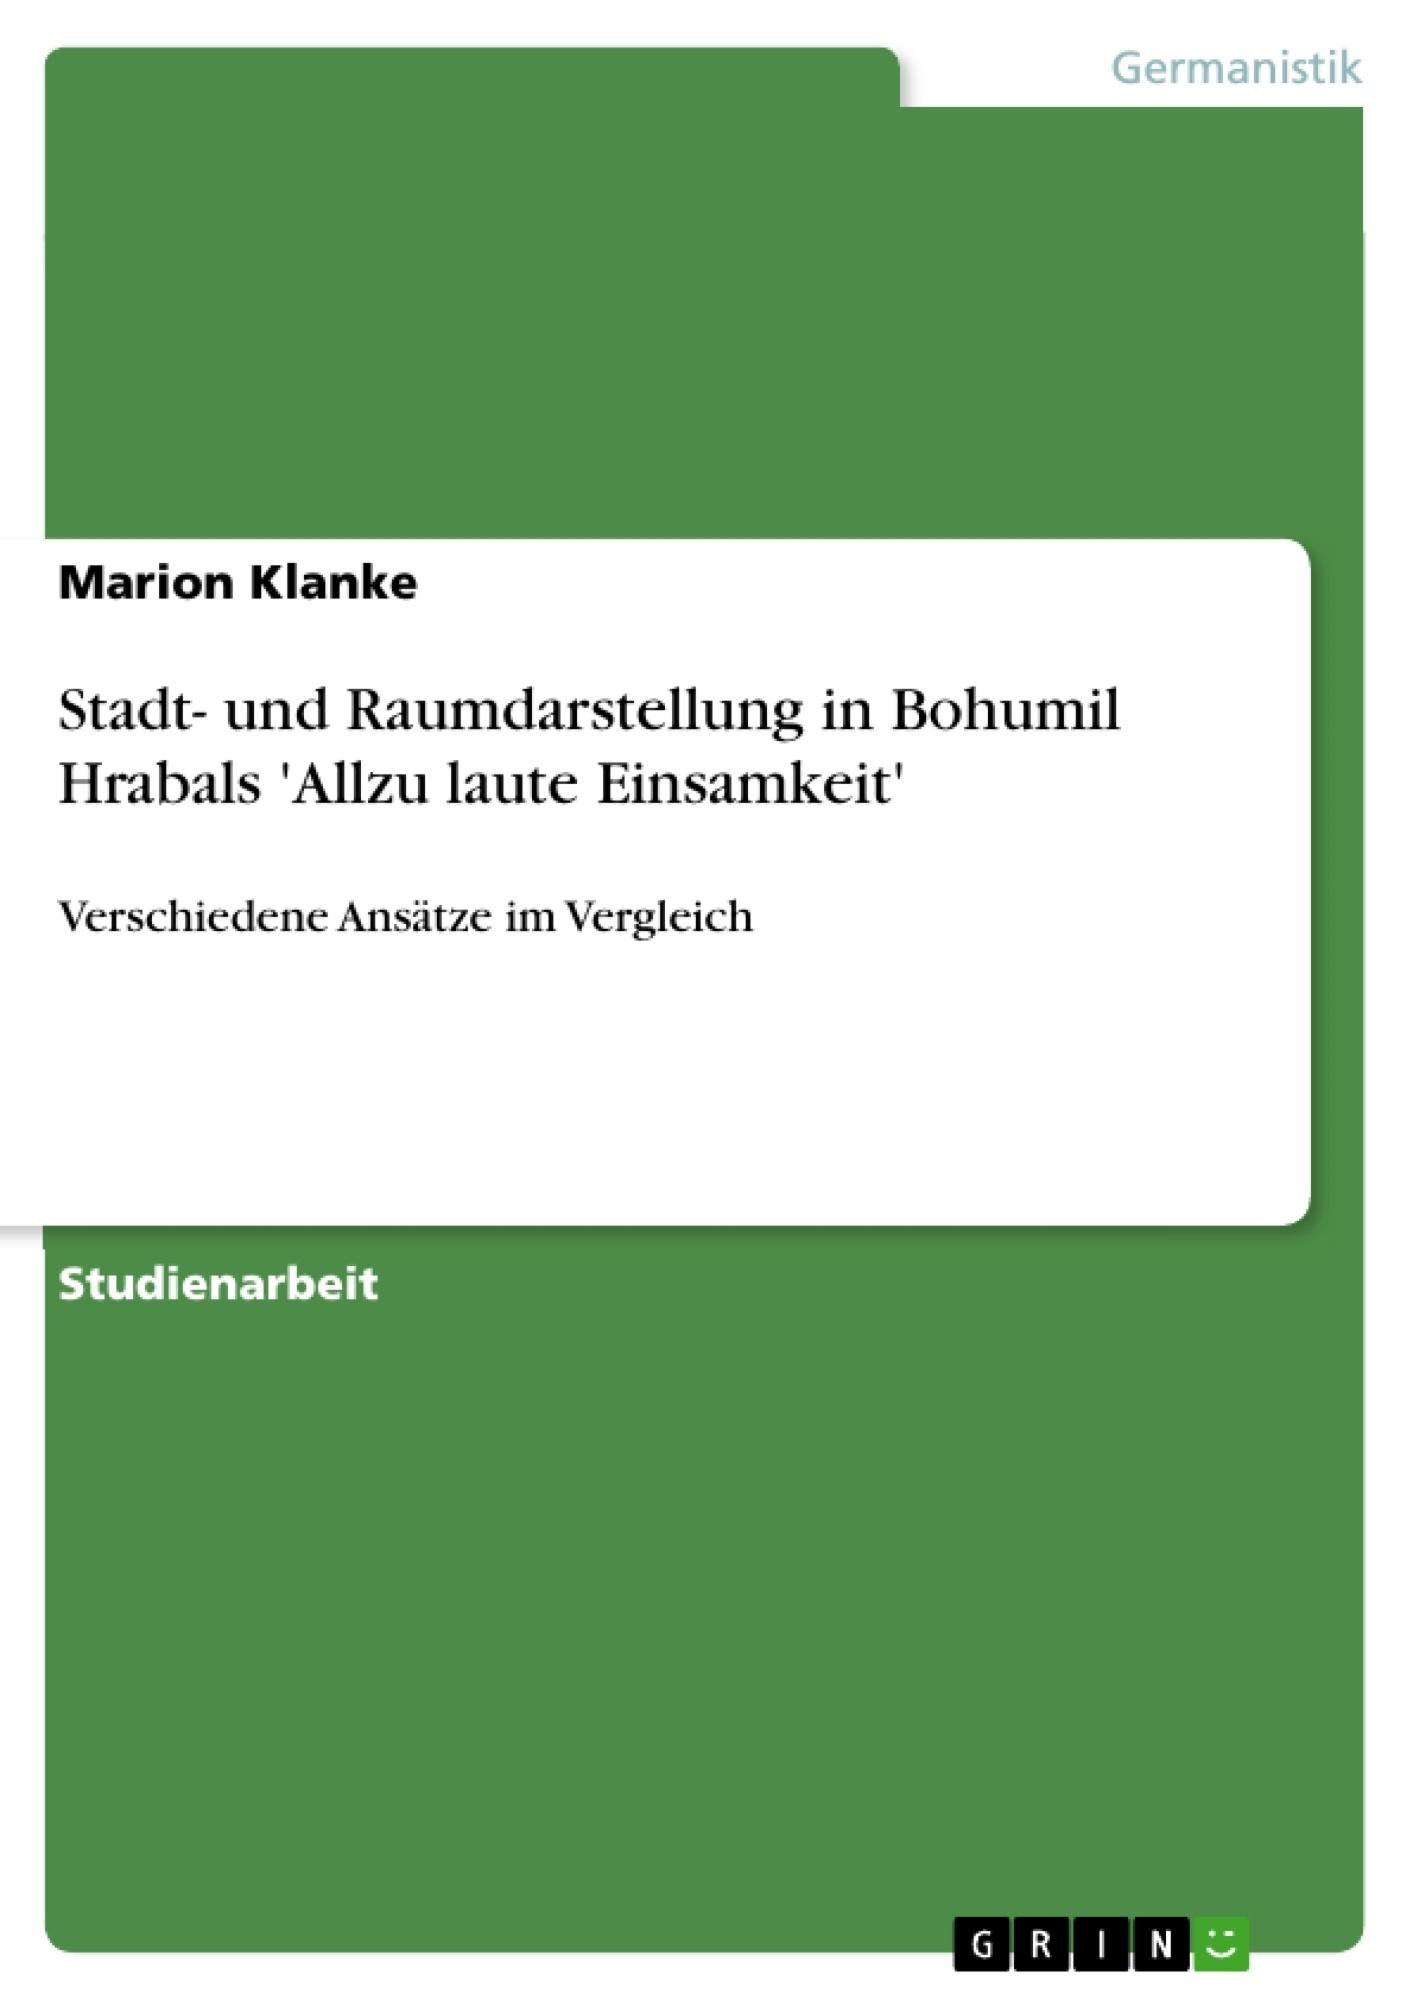 Titel: Stadt- und Raumdarstellung in Bohumil Hrabals 'Allzu laute Einsamkeit'